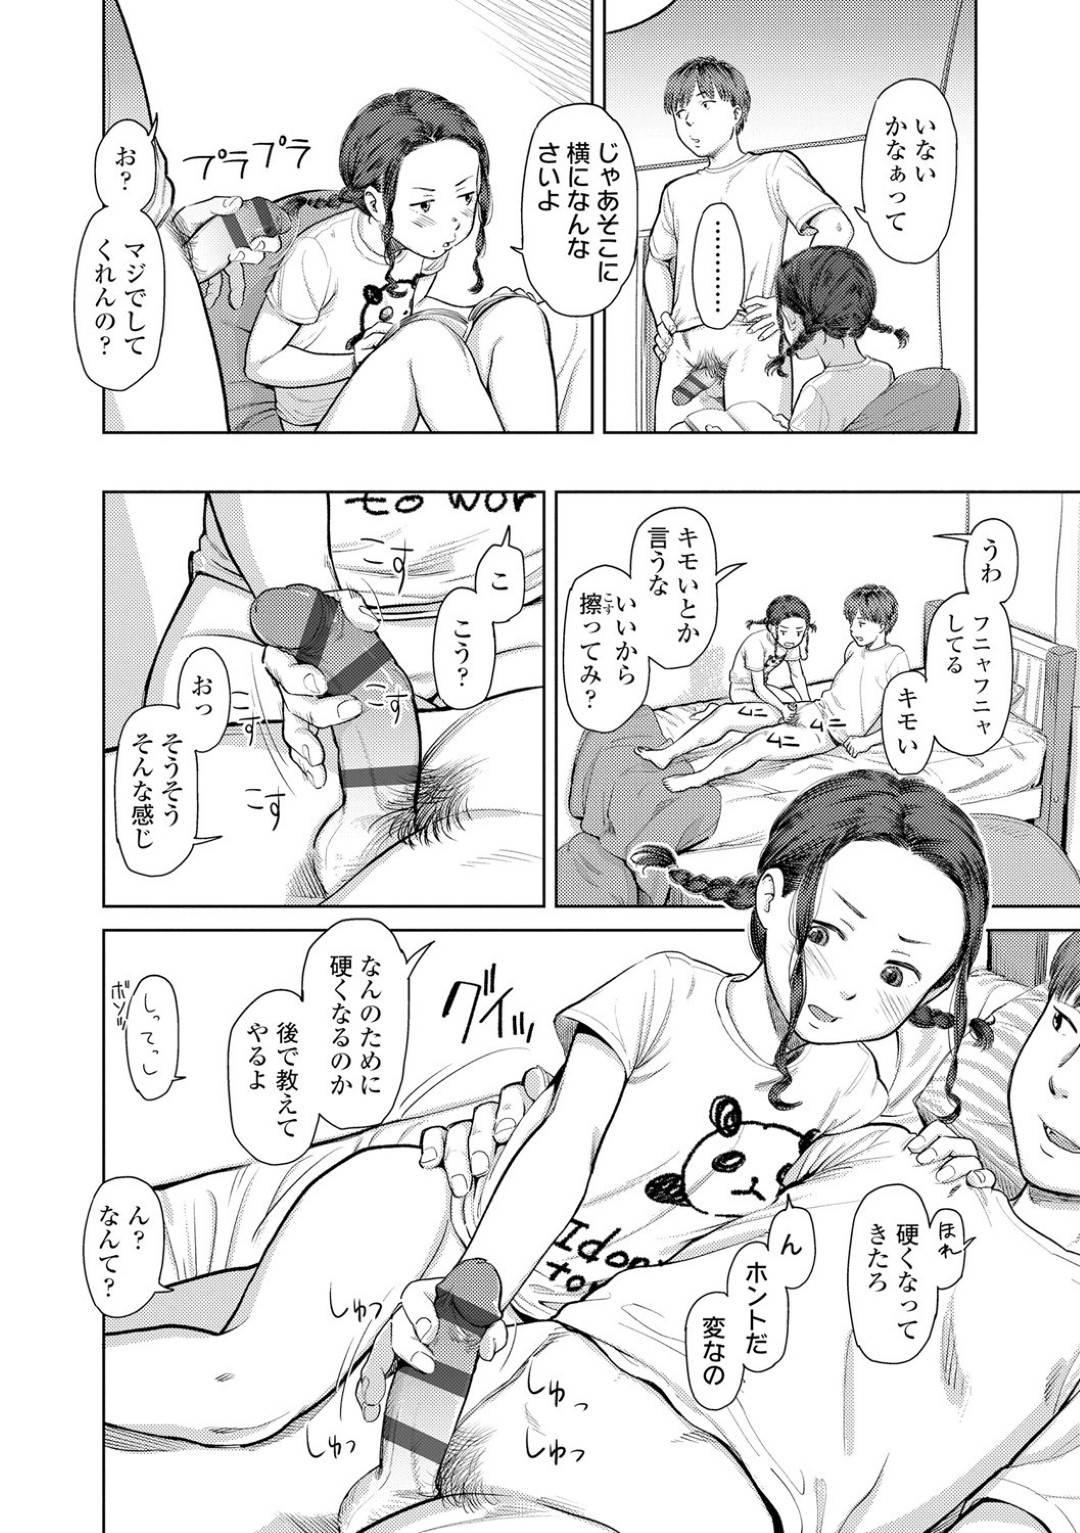 【エロ漫画】実の兄の事を誘惑する貧乳な妹…シスコンですっかりその気になった彼は彼女に乳首責めや手マンなどをした後、正常位で生挿入の近親相姦をしてしまう!【鬼束直:妹がおかしい…いつもだけど】